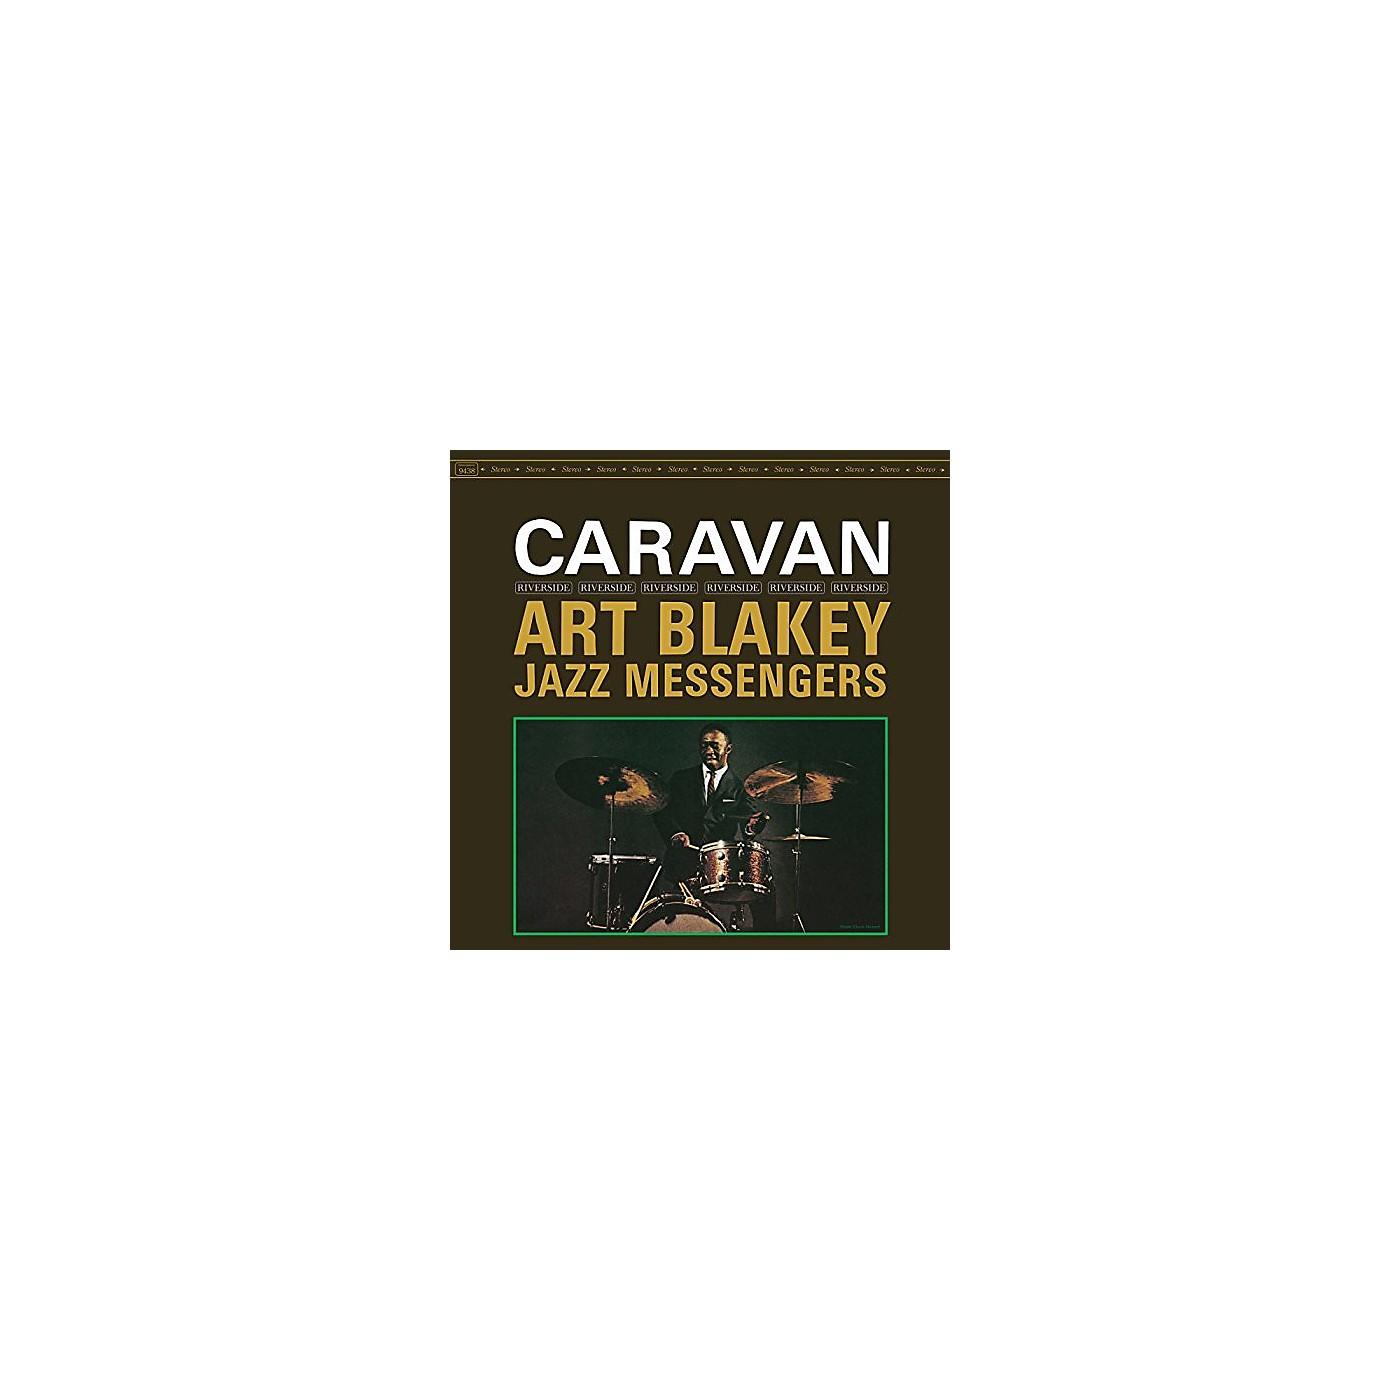 Alliance Art Blakey and The Jazz Messengers - Caravan thumbnail